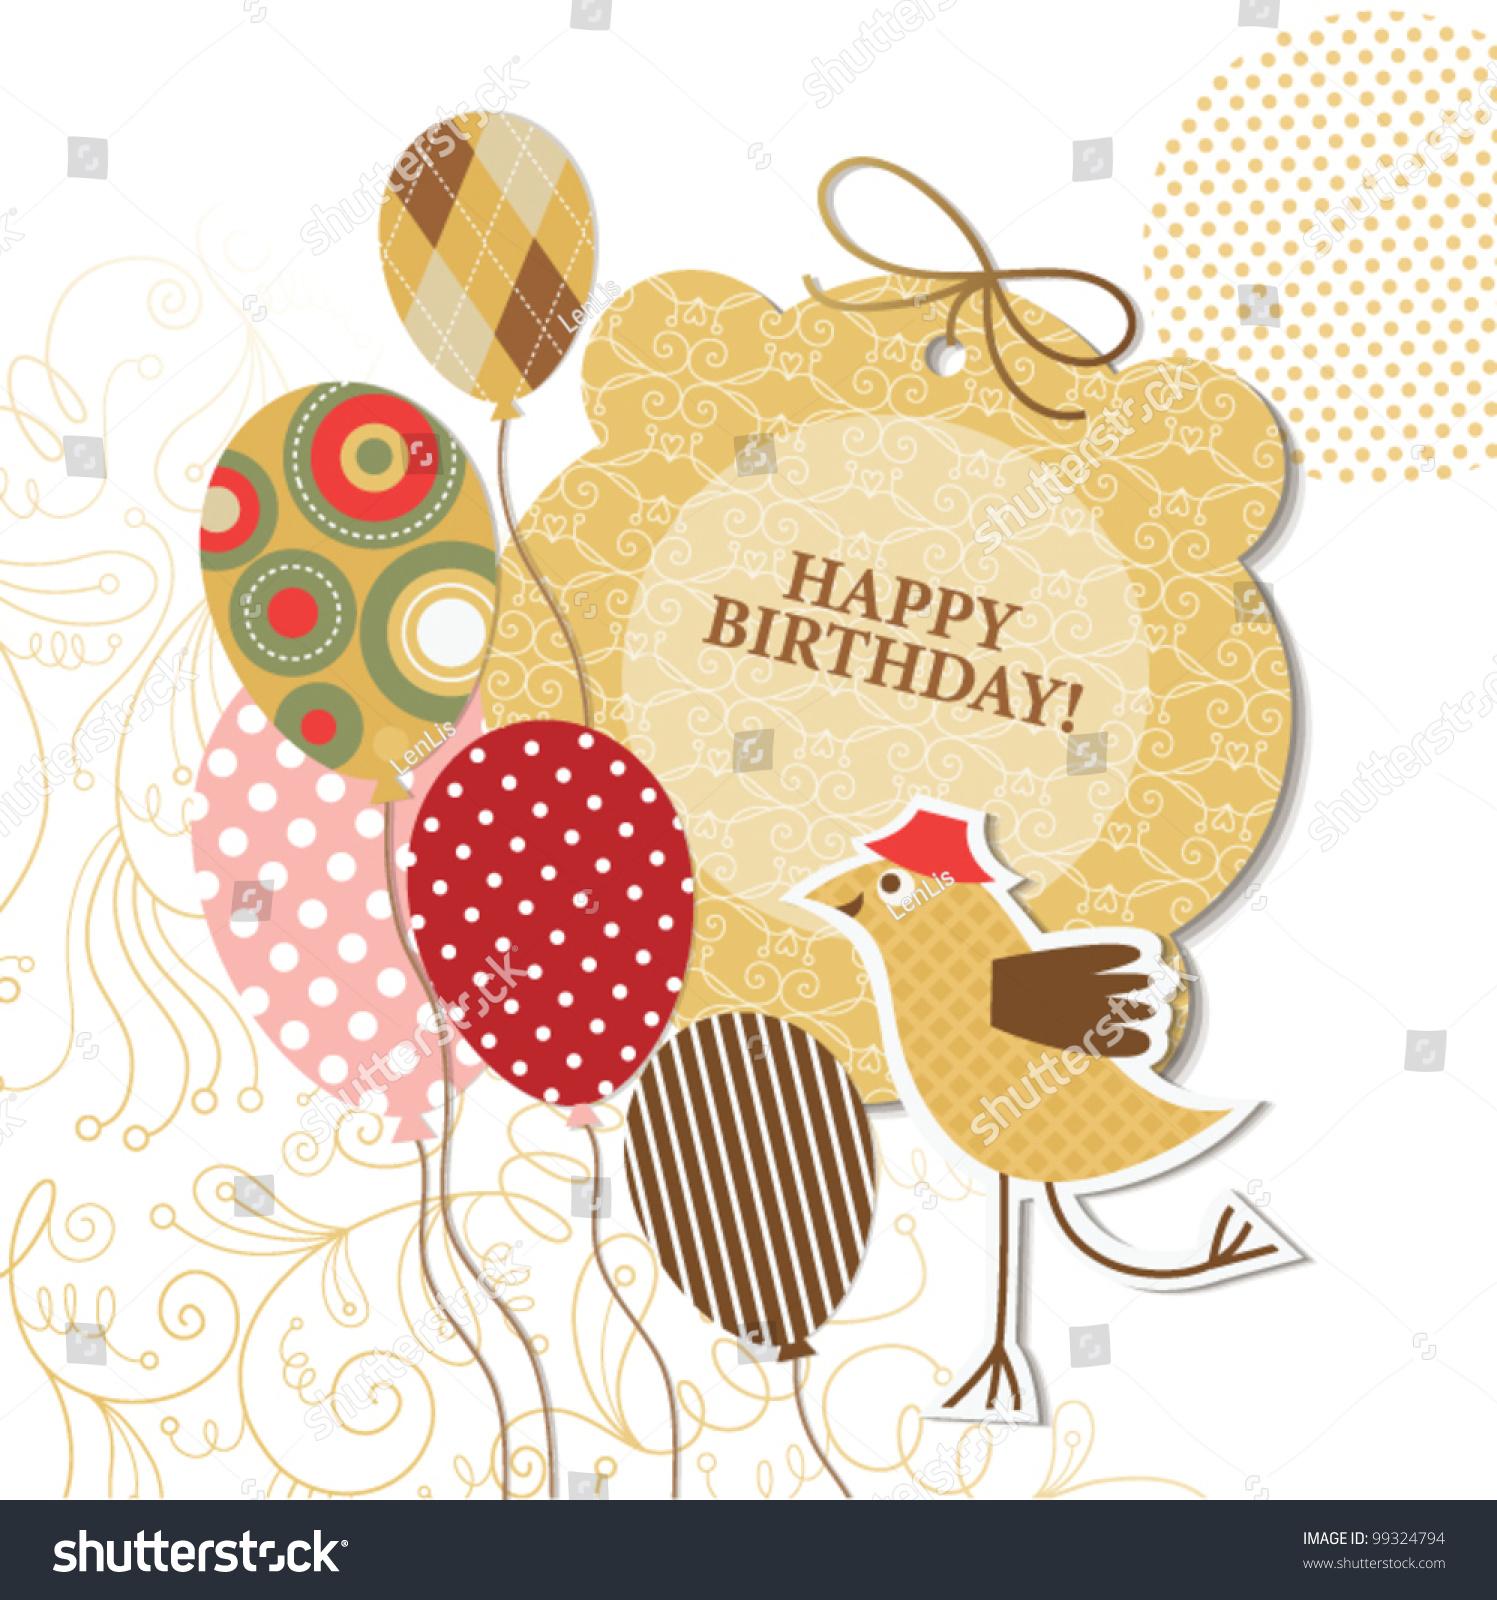 Поздравление на английском языке с днем рождения бизнес партнеру